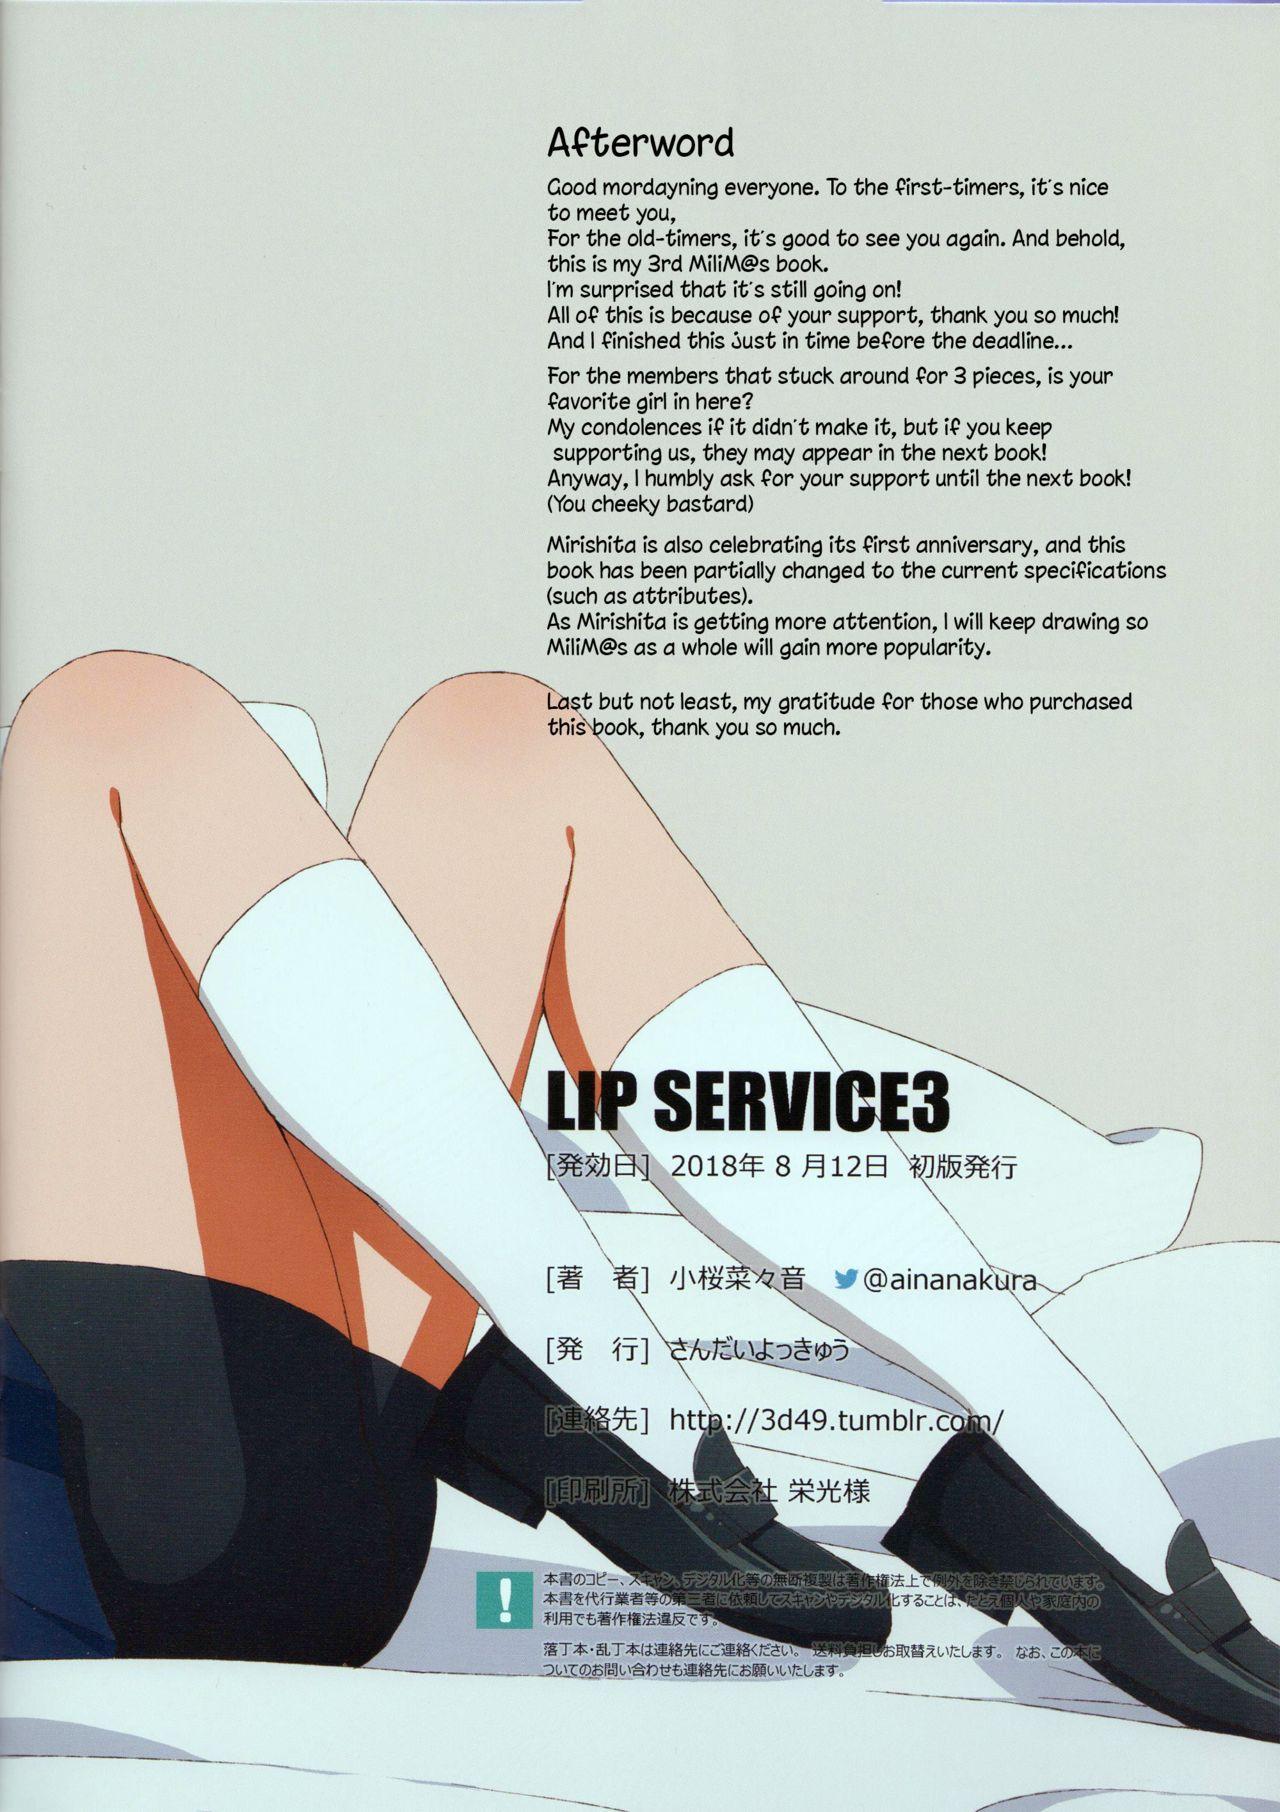 LIP SERVICE3 16